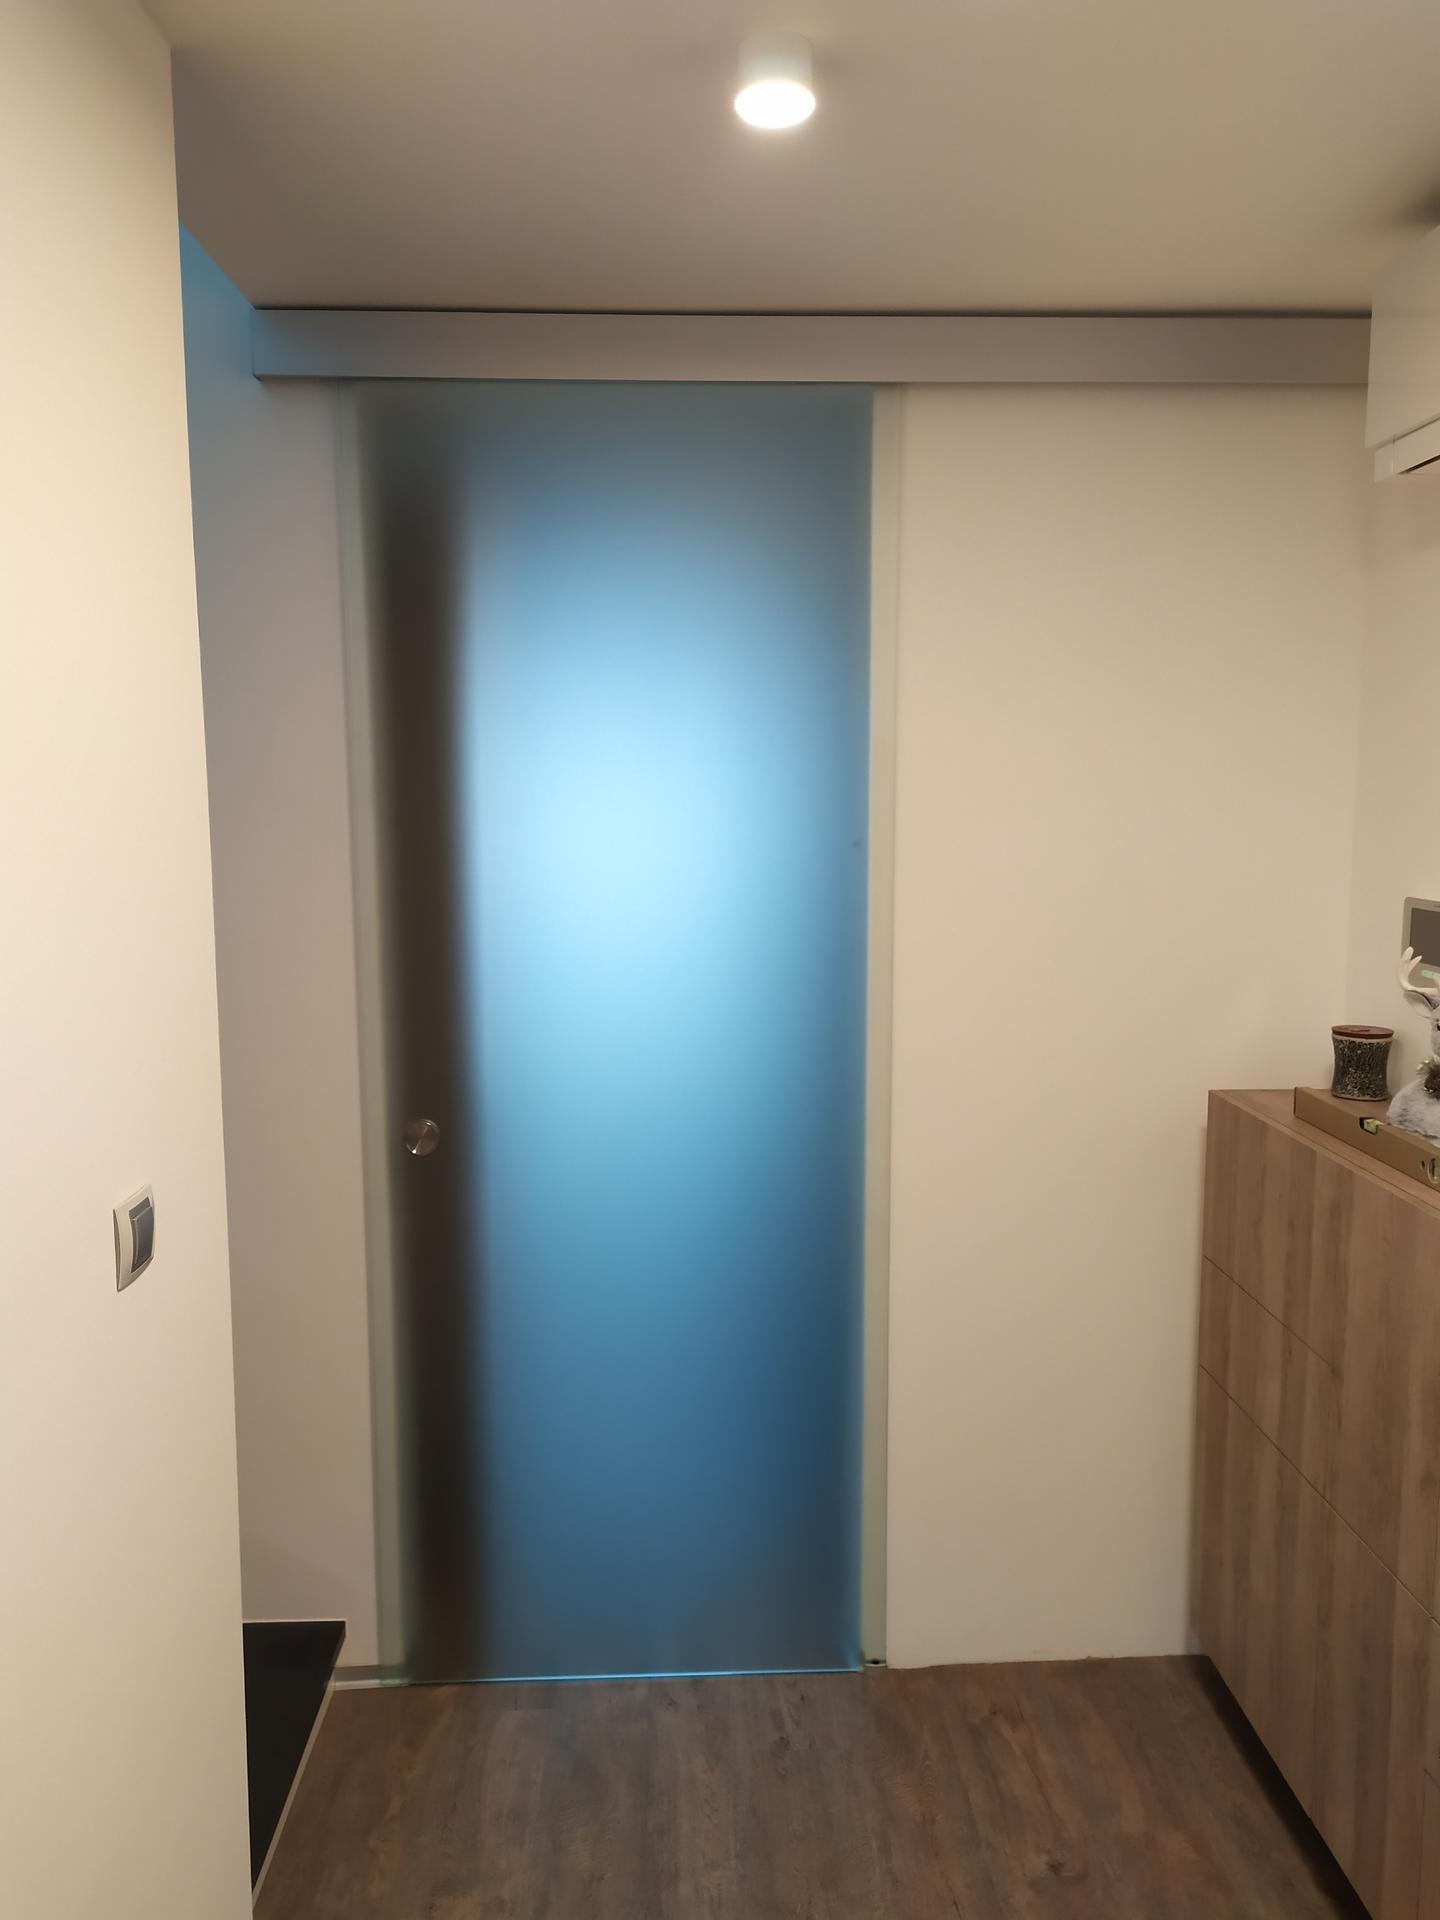 Realizácia sklenených posúvnych dverí. Ak máte aj Vy záujem kontaktujte nás na pmglass@pmglass.sk. - Obrázok č. 1